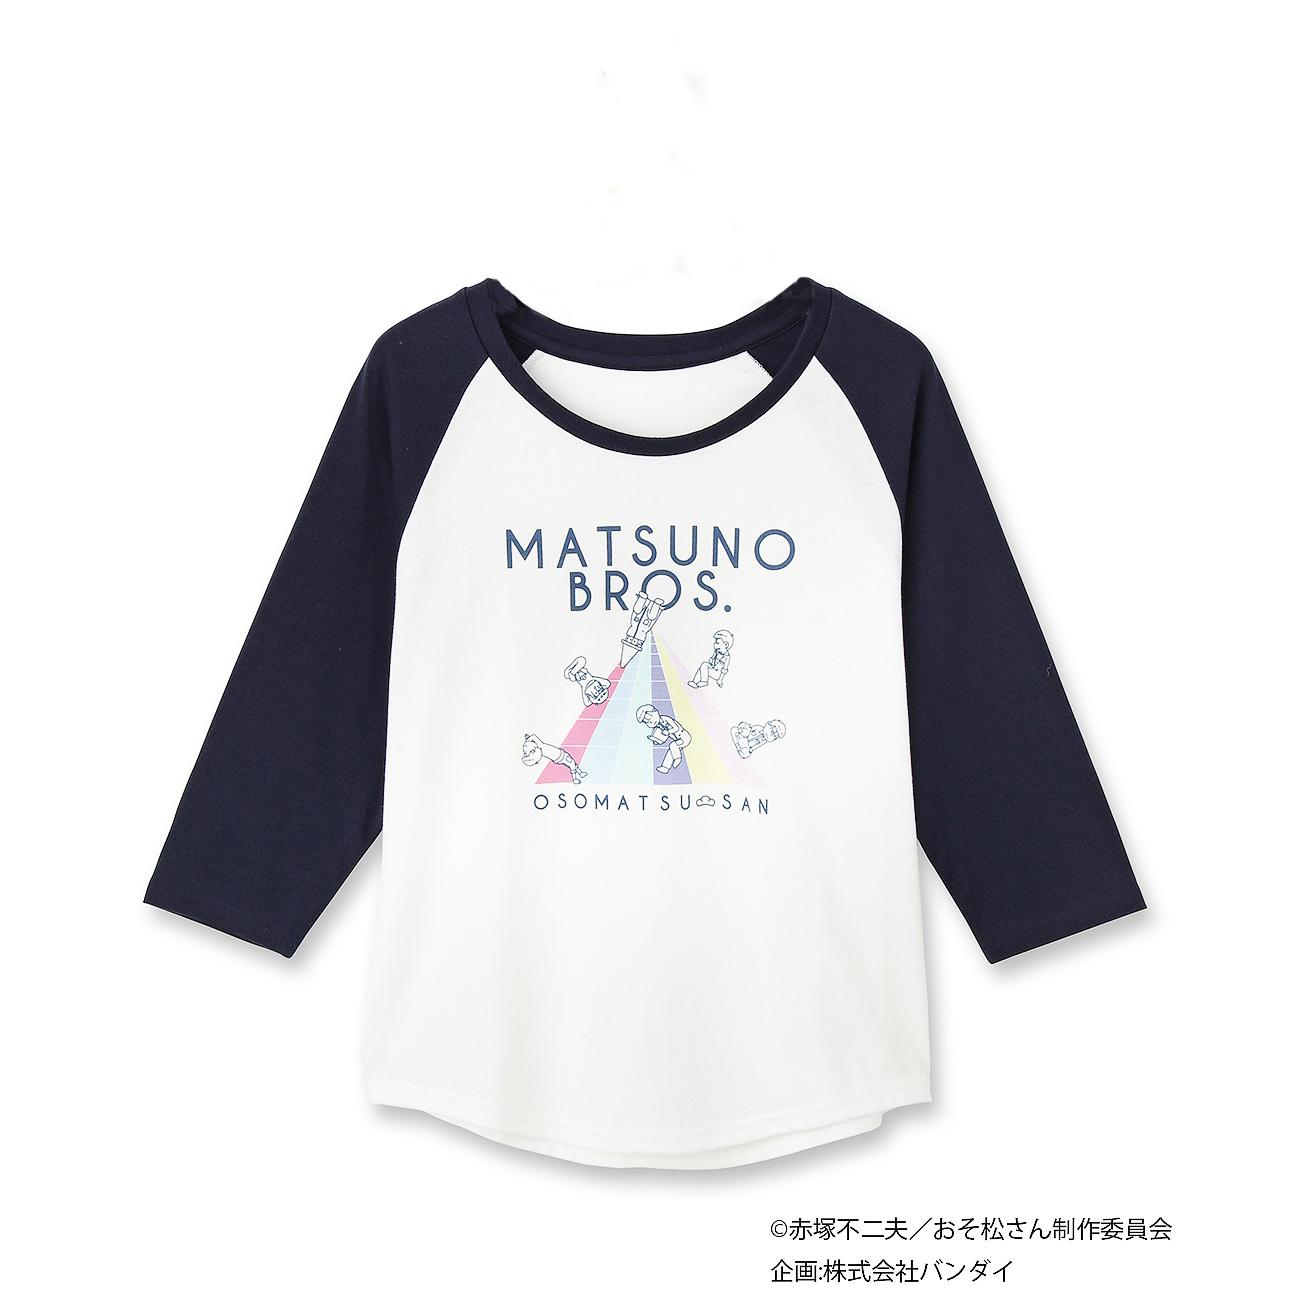 おそ松さんラグランTシャツ ¥2,490/ダークグレー・ネイビー/38(Mサイズ)